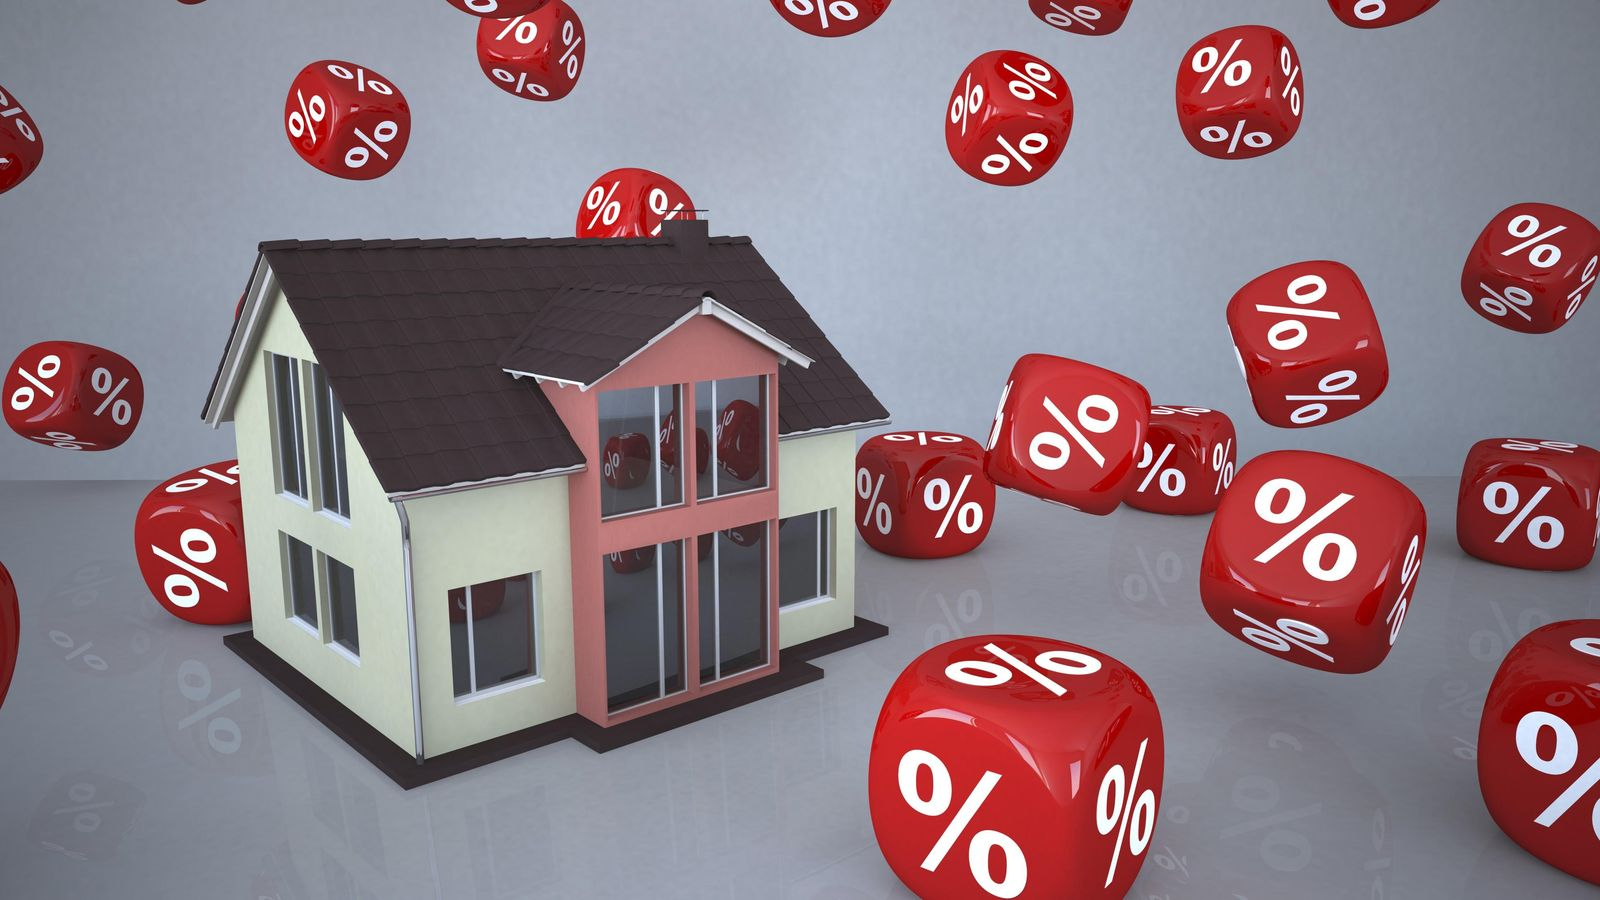 Foto: El 15% de las hipotecas supera el 80% del valor de tasación. (Corbis)